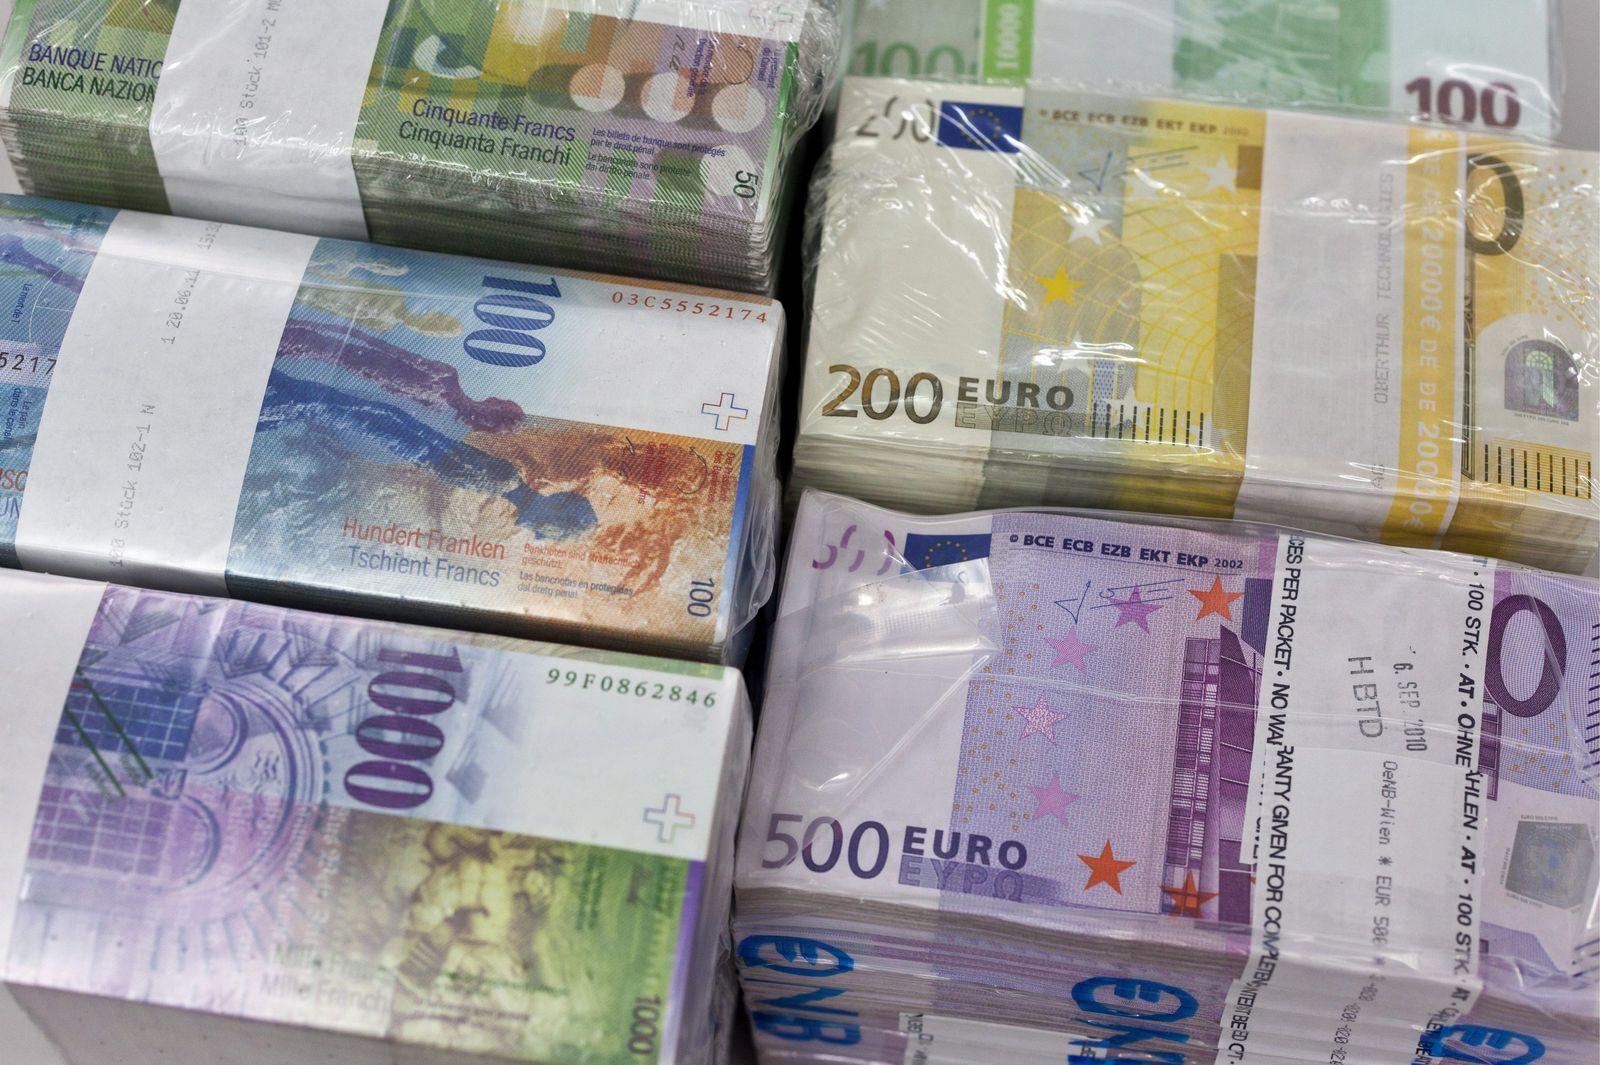 Schweizer Franken/ Euro/ Geldscheine